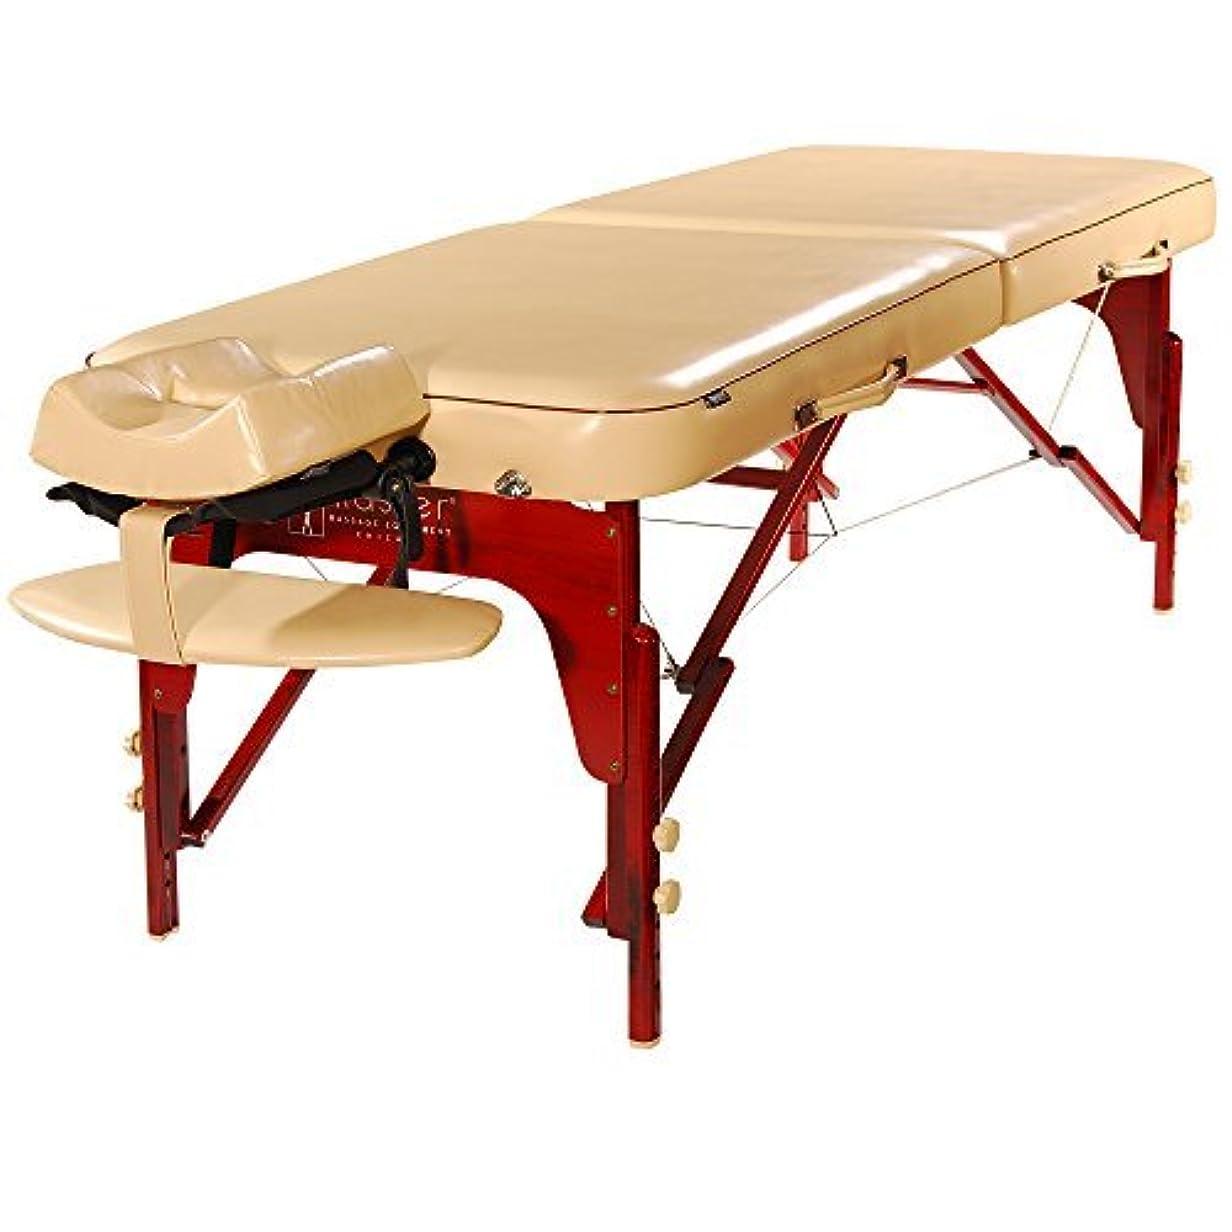 神秘セッティングバスケットボールMaster Massage Monroe Memory Foam Luster PU Portable Massage Table Package Cream 30 Inch [並行輸入品]